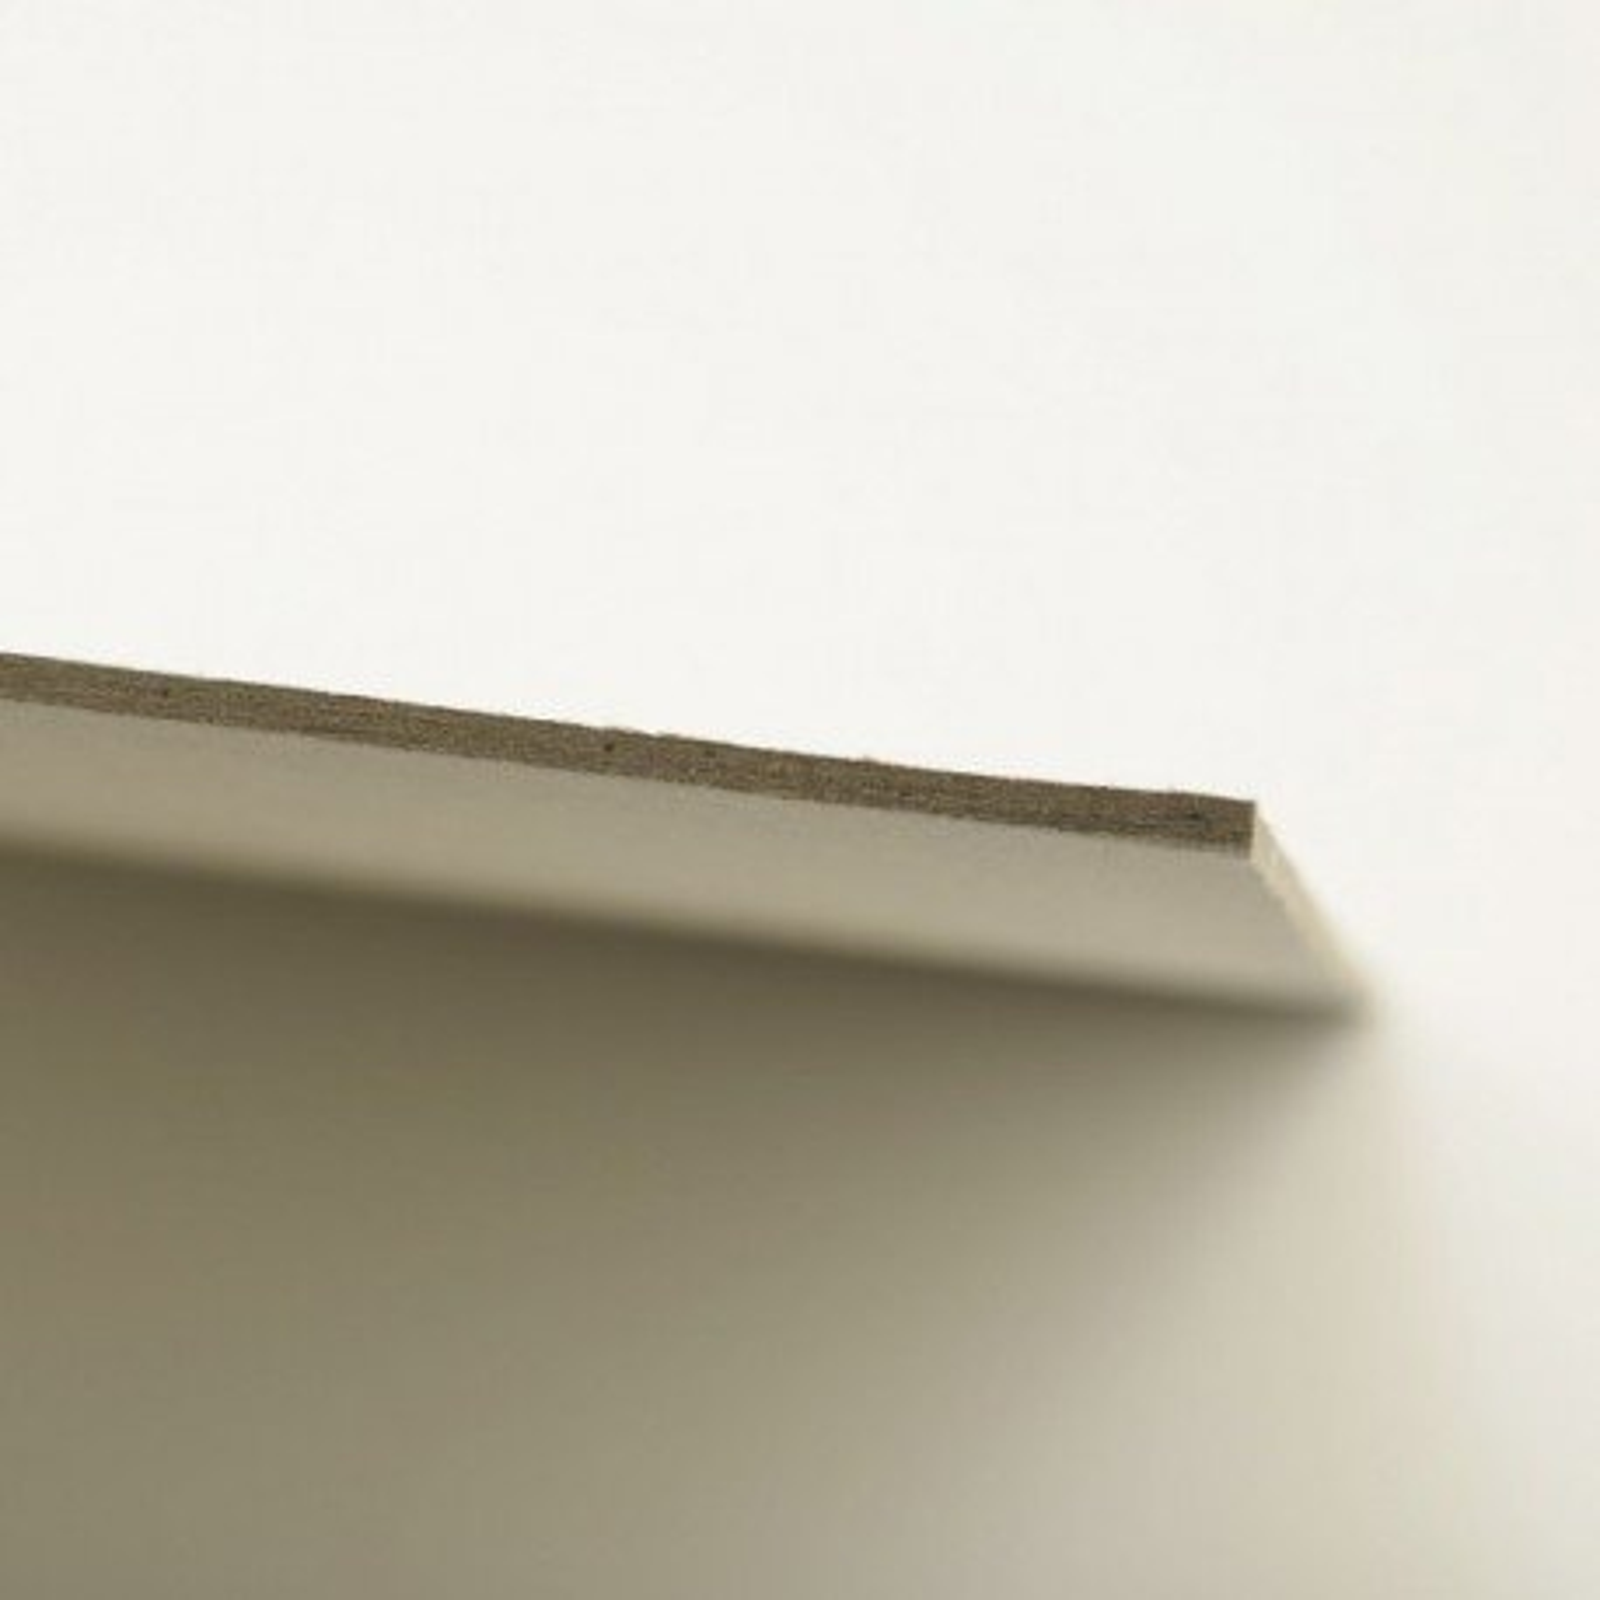 Cartonnette 30 x 30 - 2 mm d'épaisseur